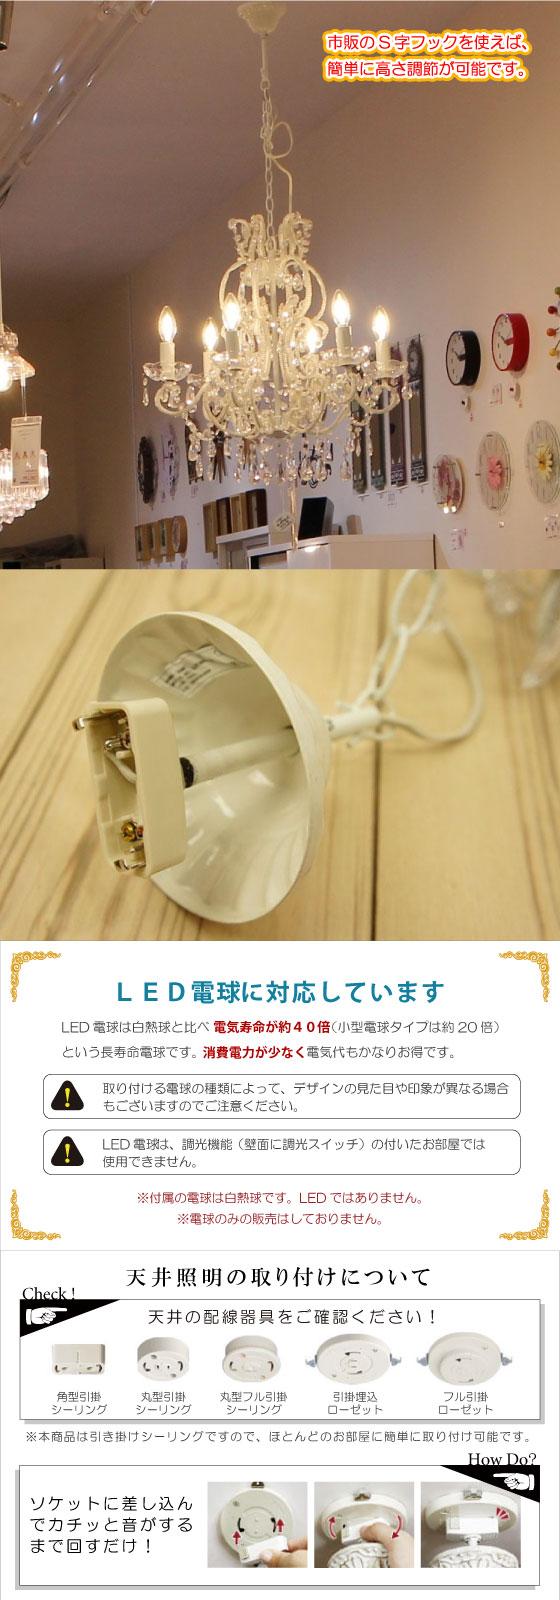 プリンセス6灯シャンデリア(LED対応)